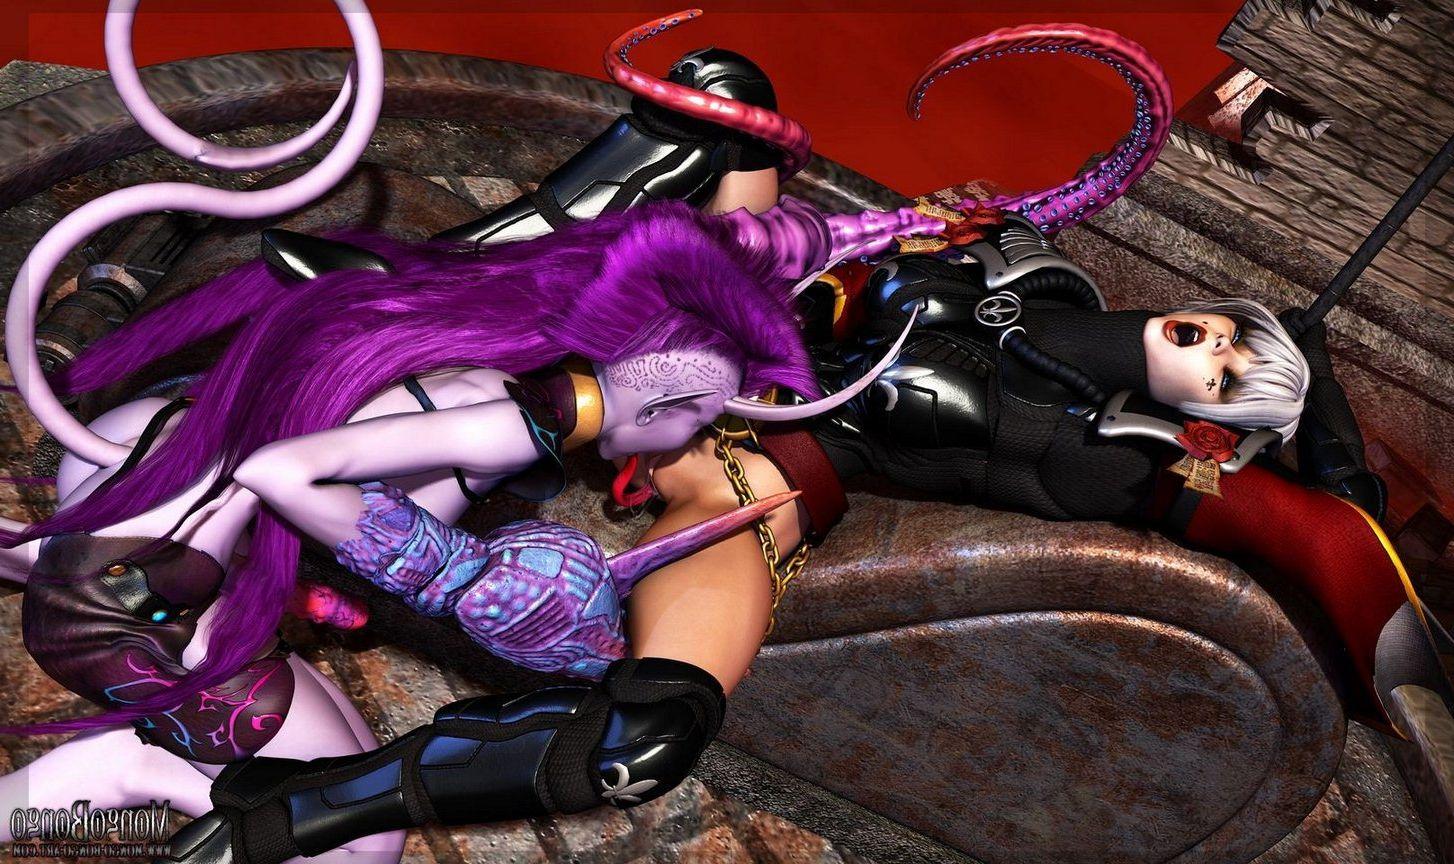 battle-sister-daemonette image_22375.jpg